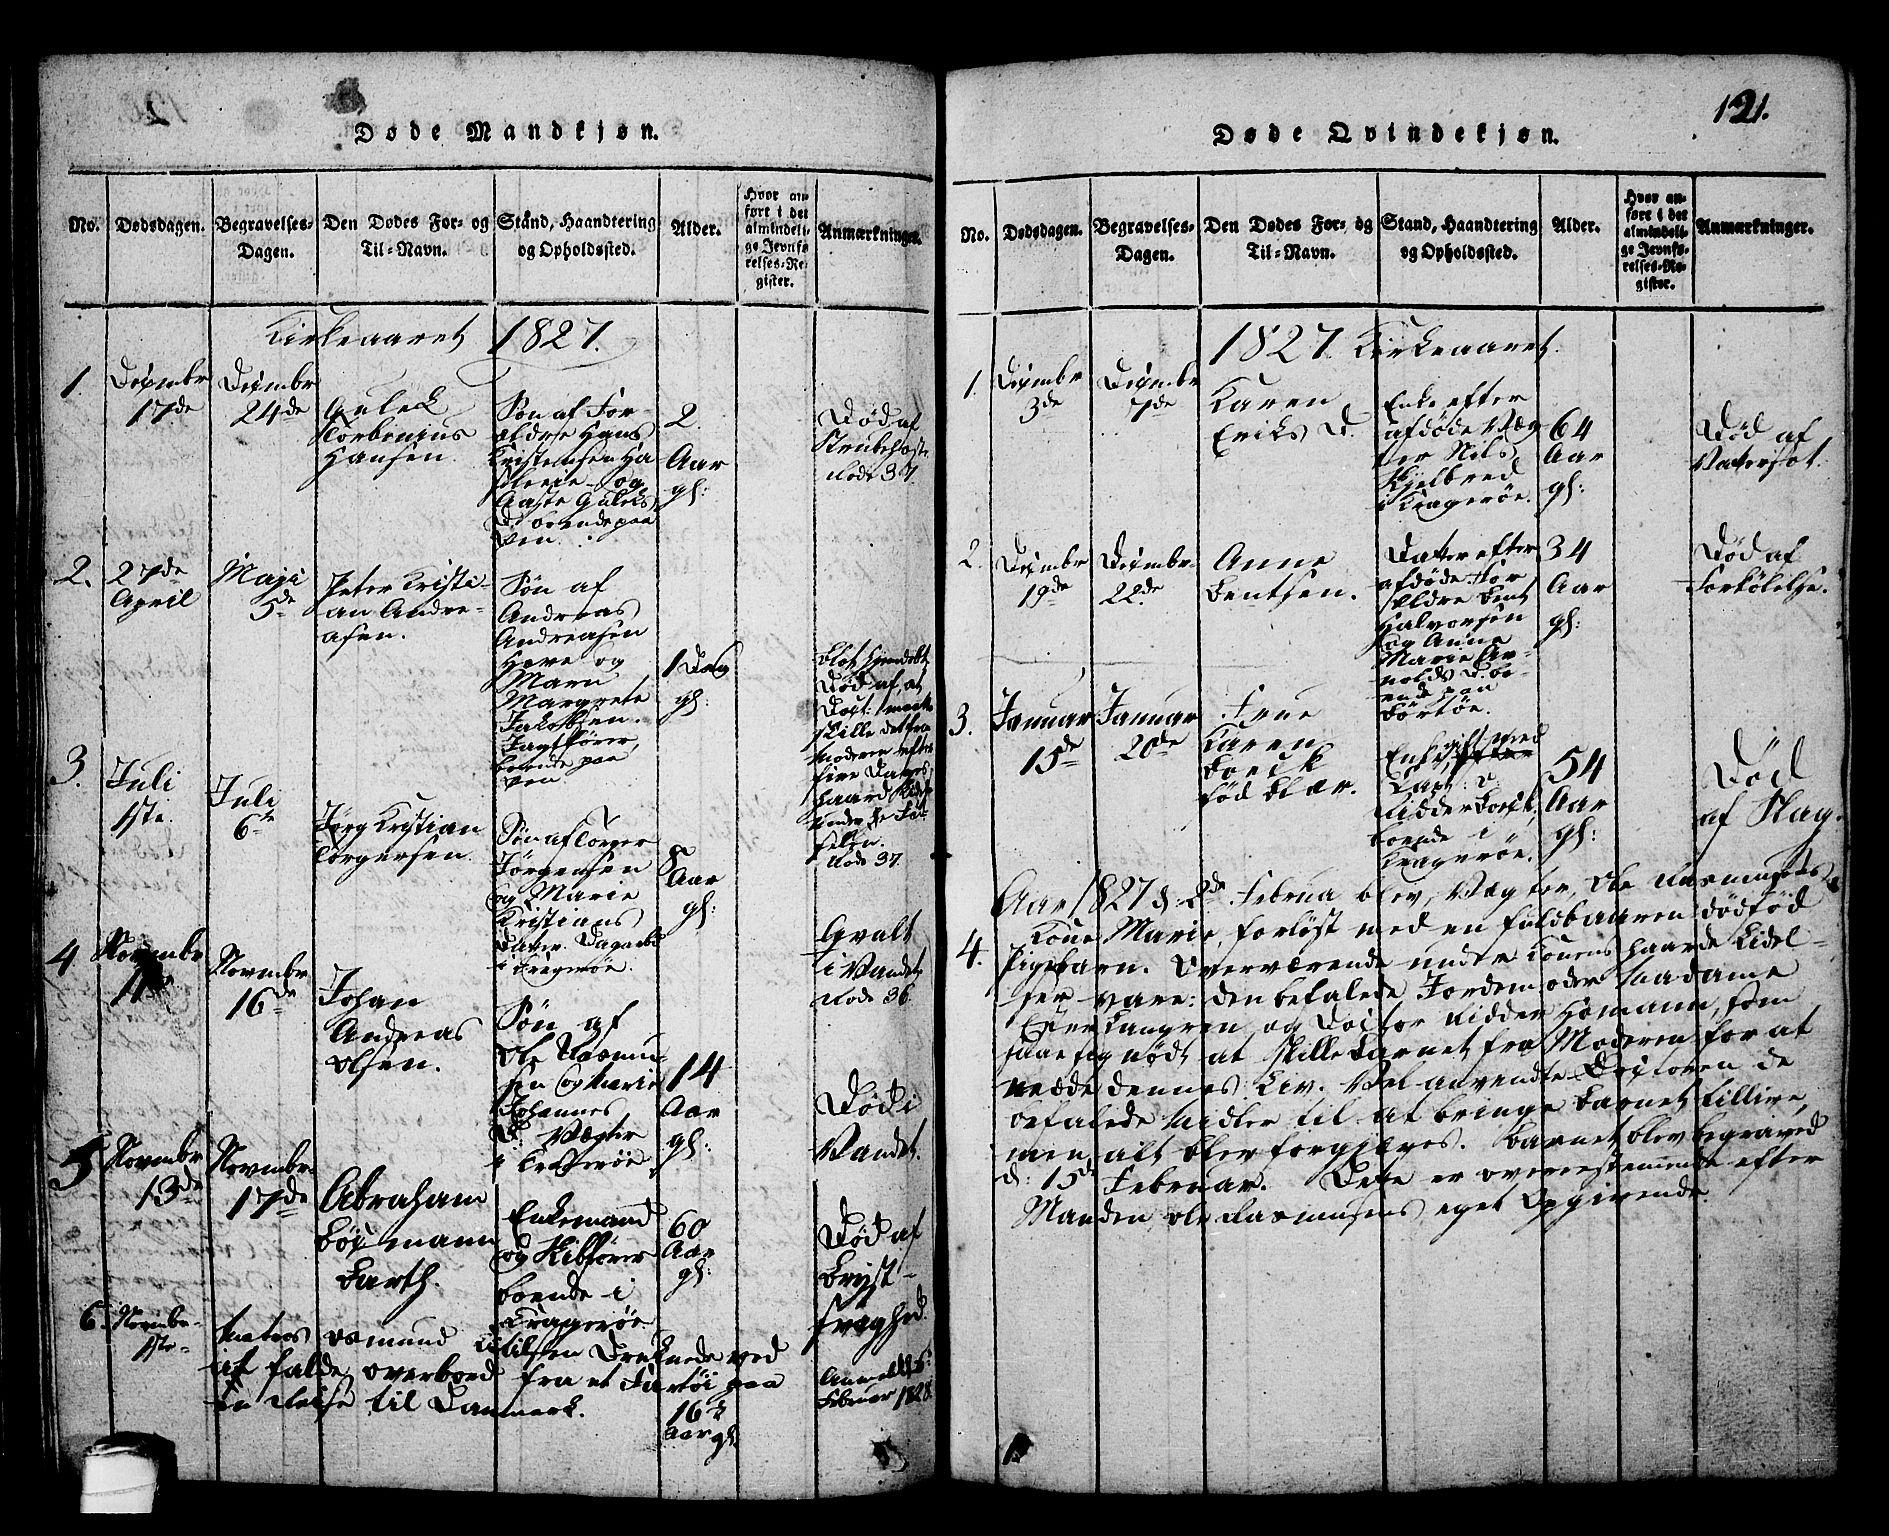 SAKO, Kragerø kirkebøker, G/Ga/L0002: Klokkerbok nr. 2, 1814-1831, s. 121